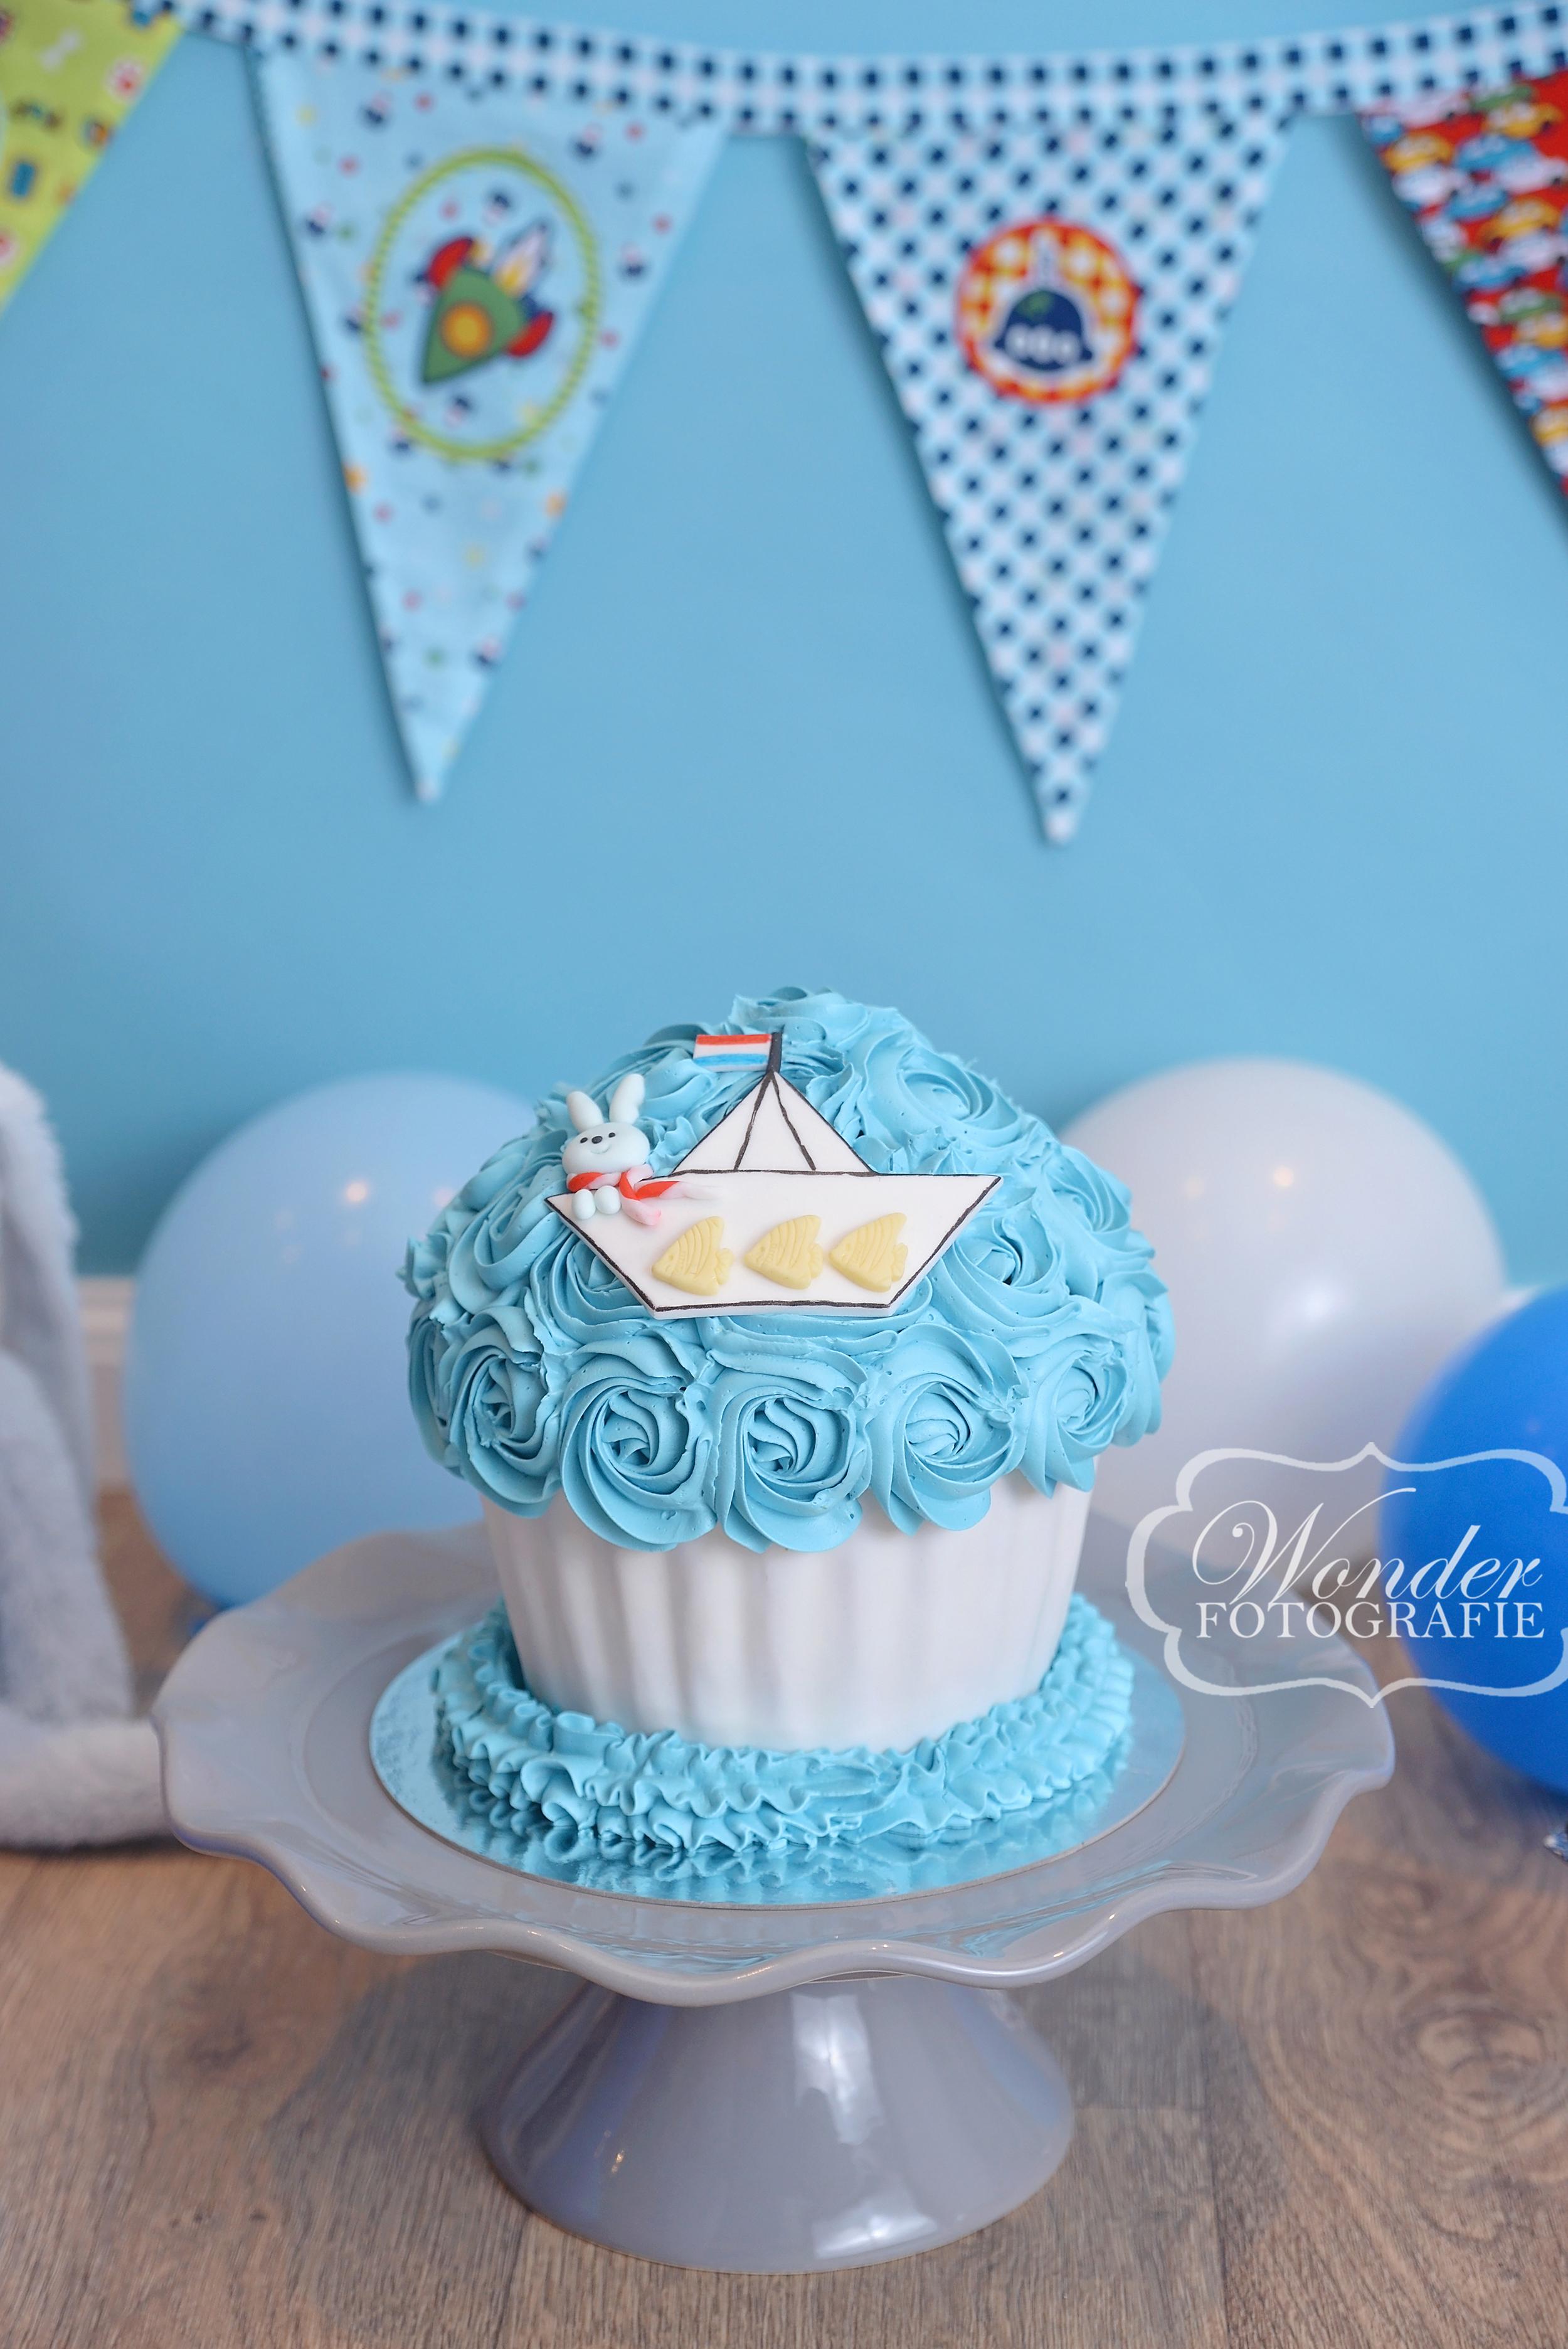 Cake smash fotograaf almere blue baby boy